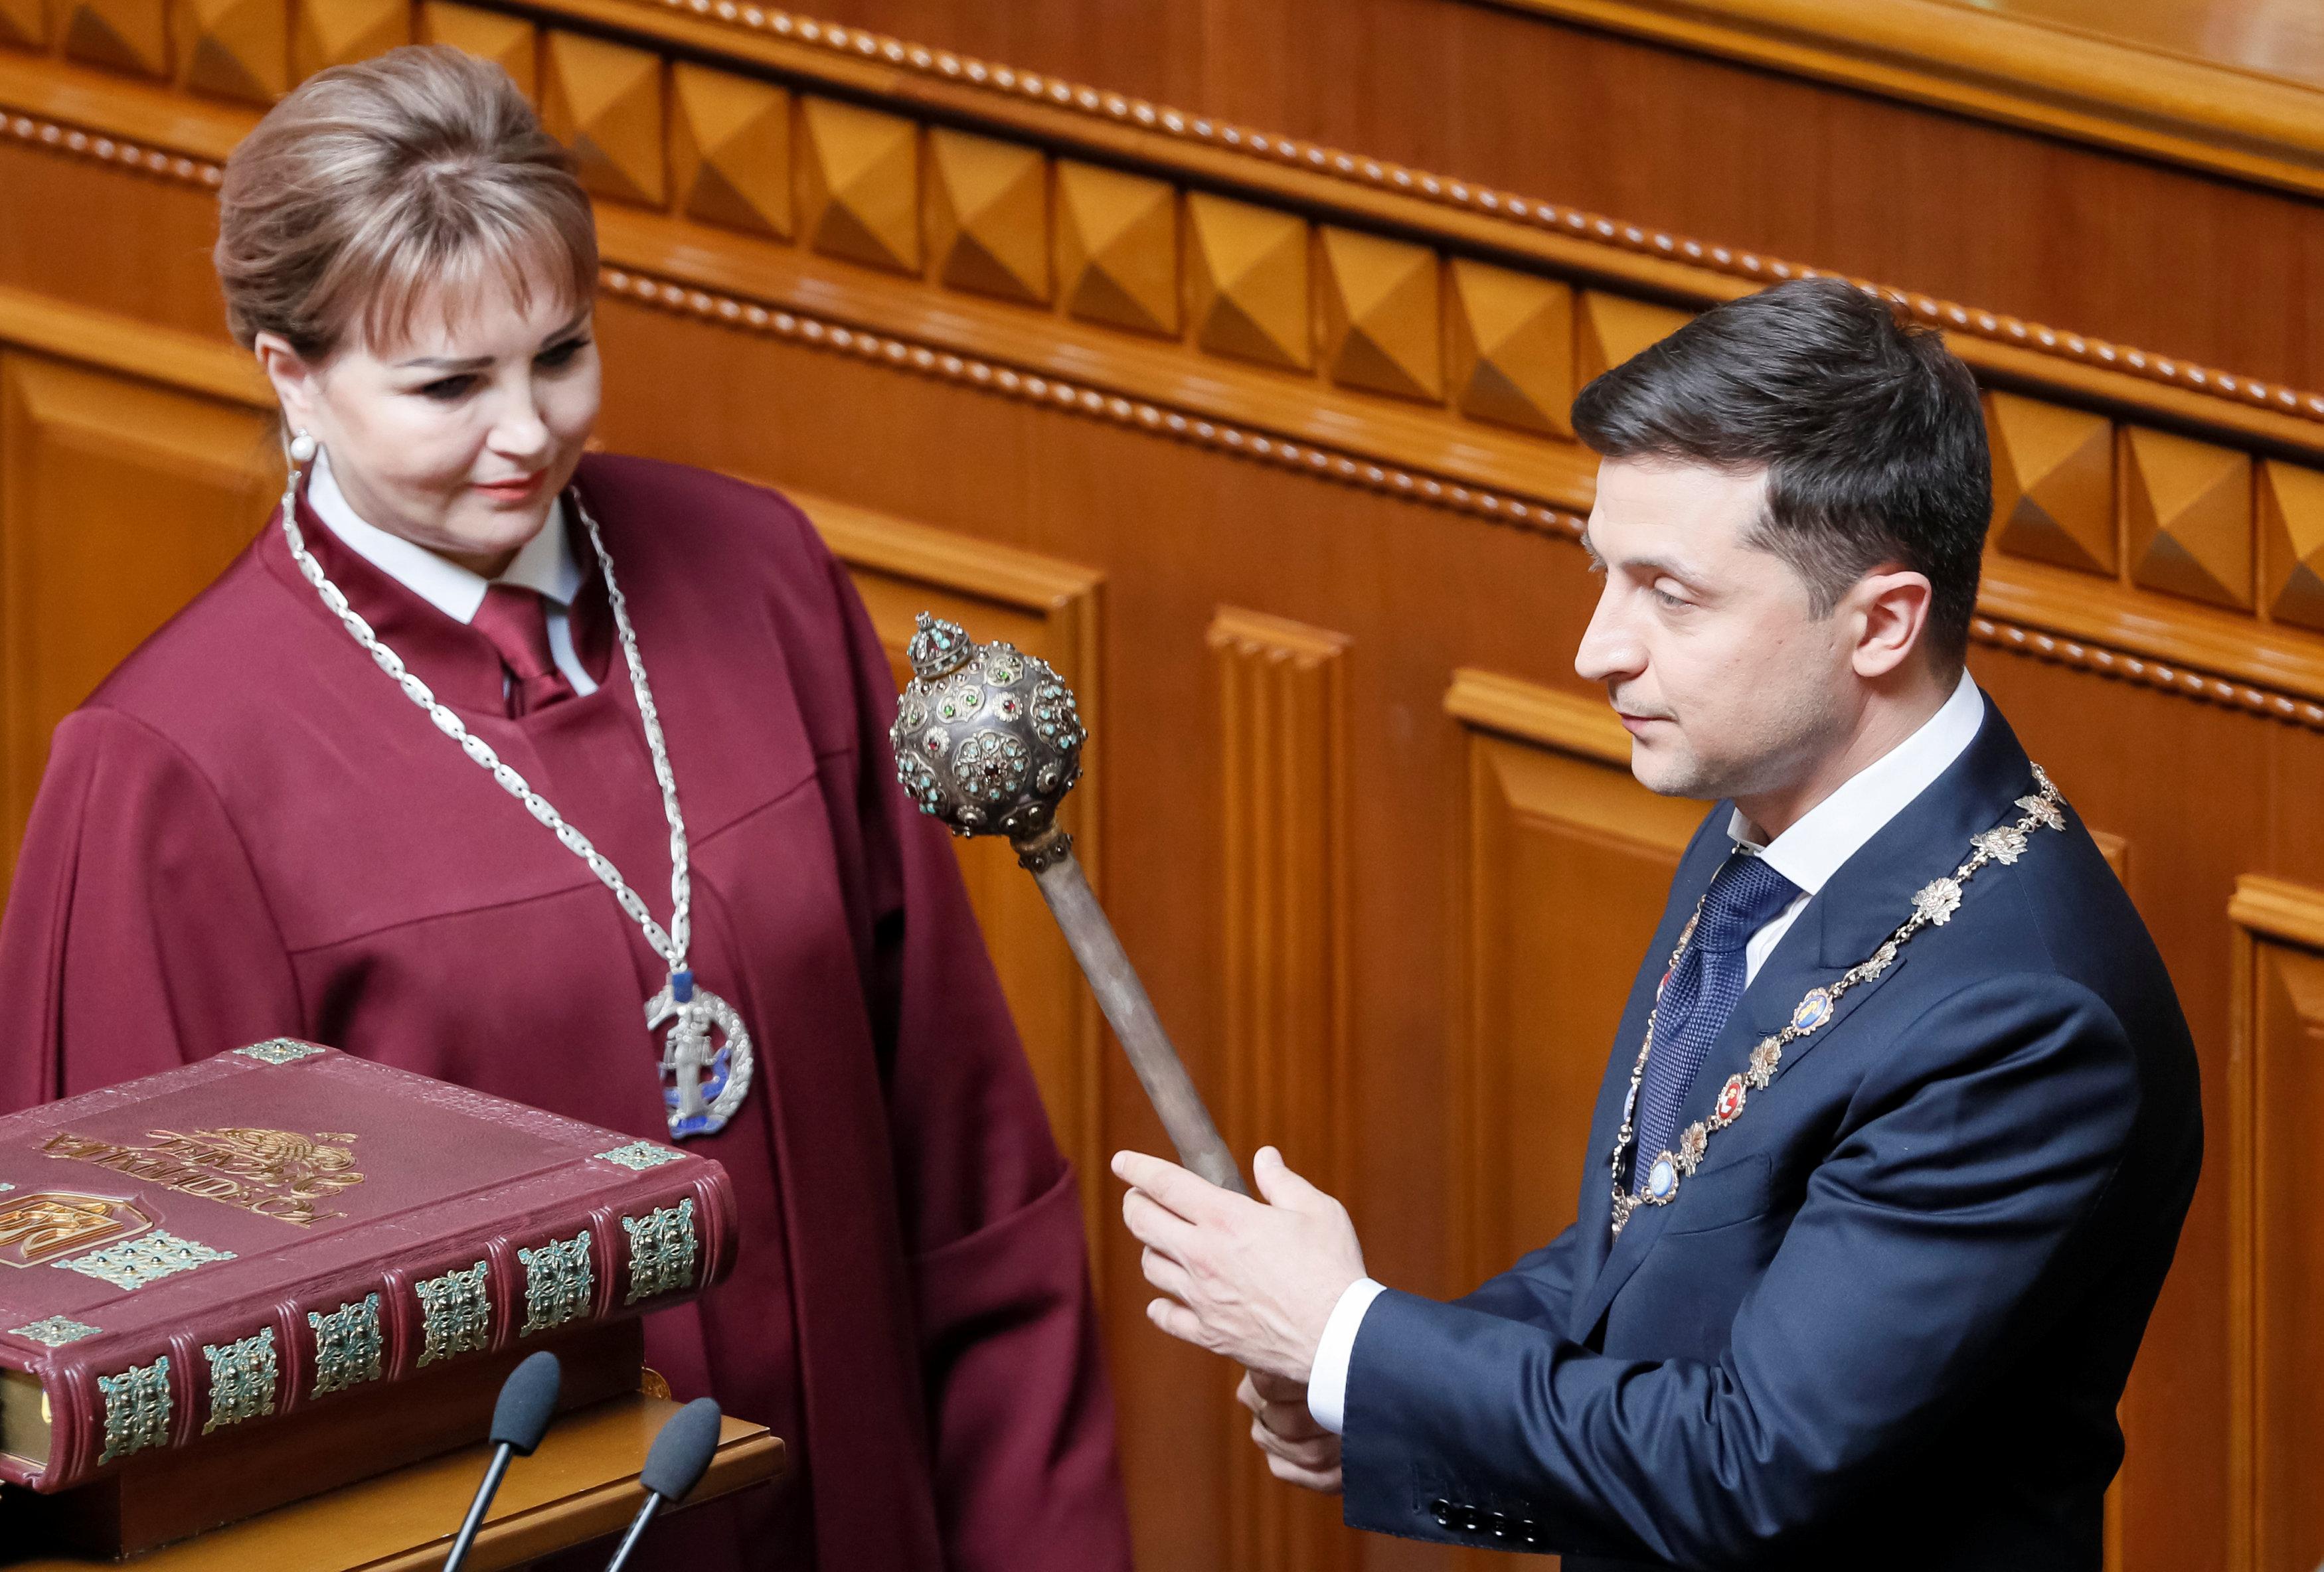 صورة رئيس أوكرانيا الجديد يؤدي اليمين الدستوري